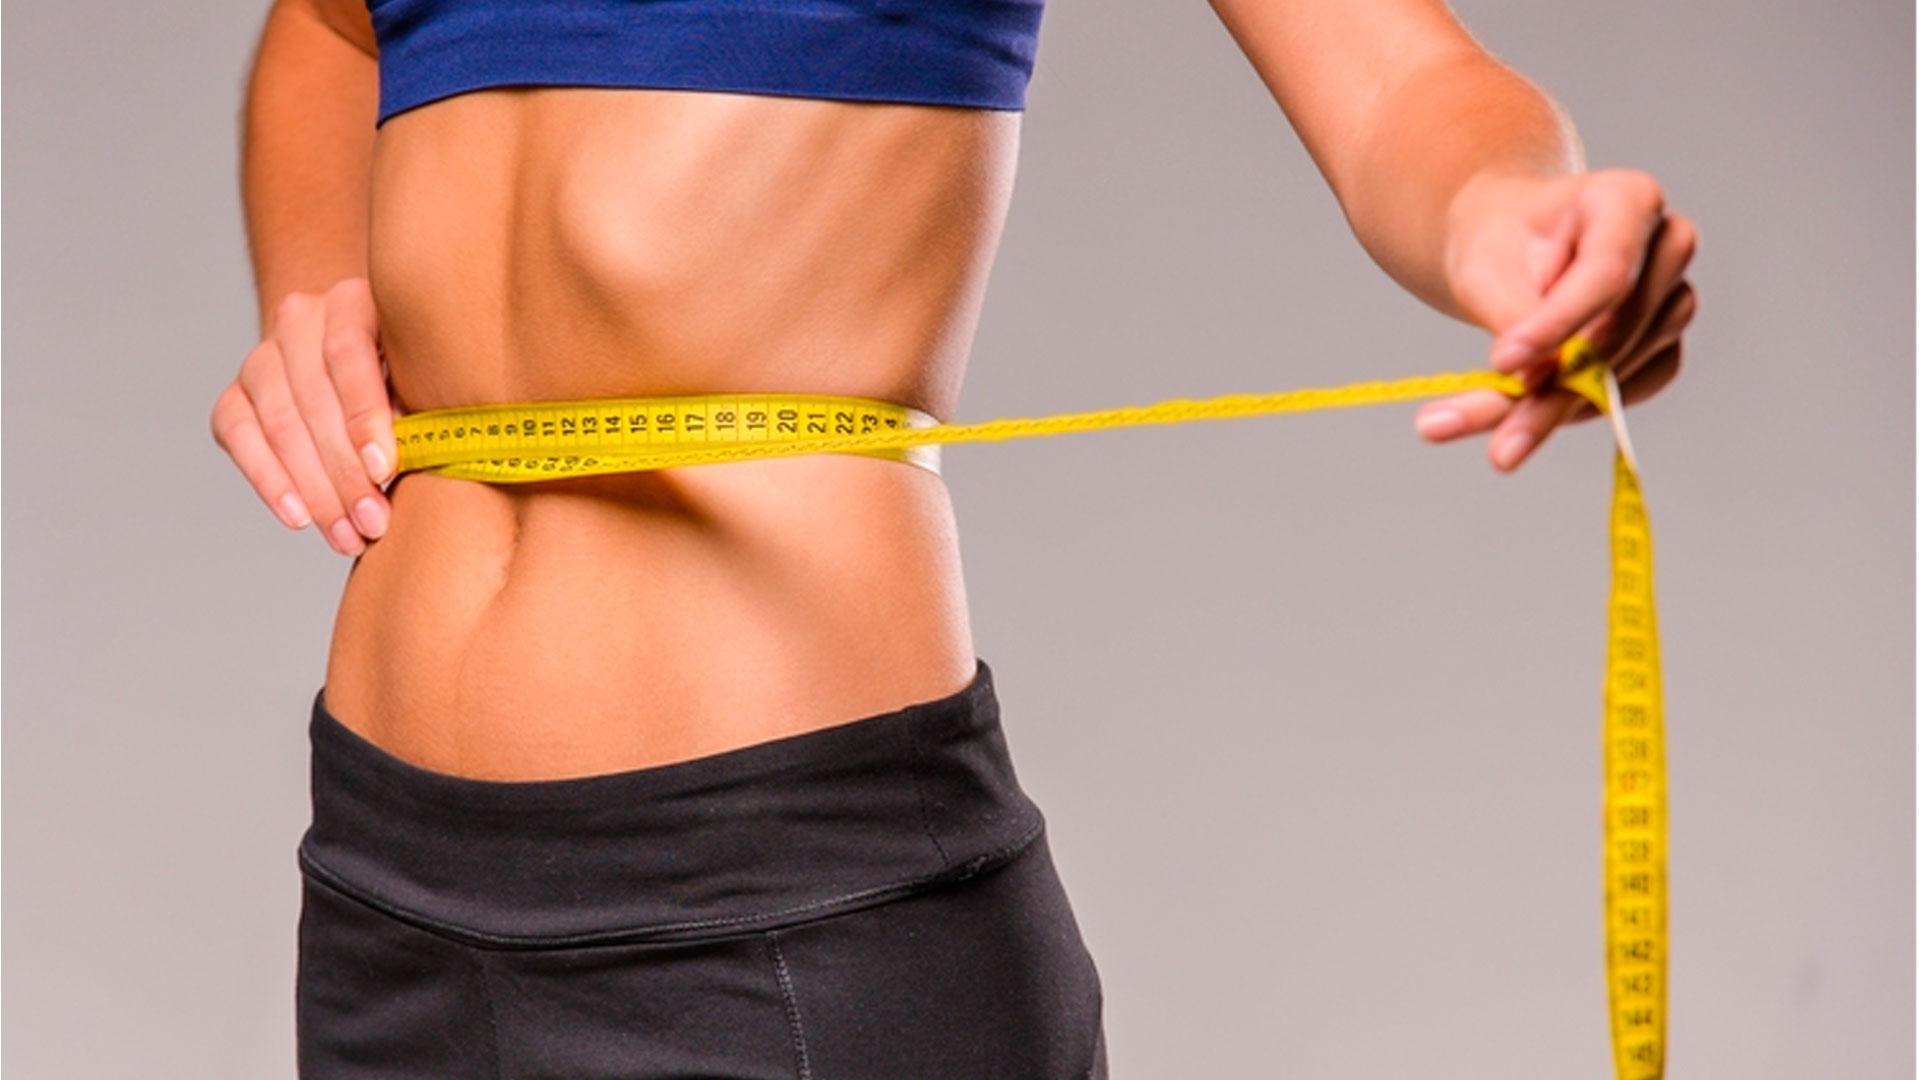 La variabilità dell'indice di massa corporea favorisce lo sviluppo del diabete